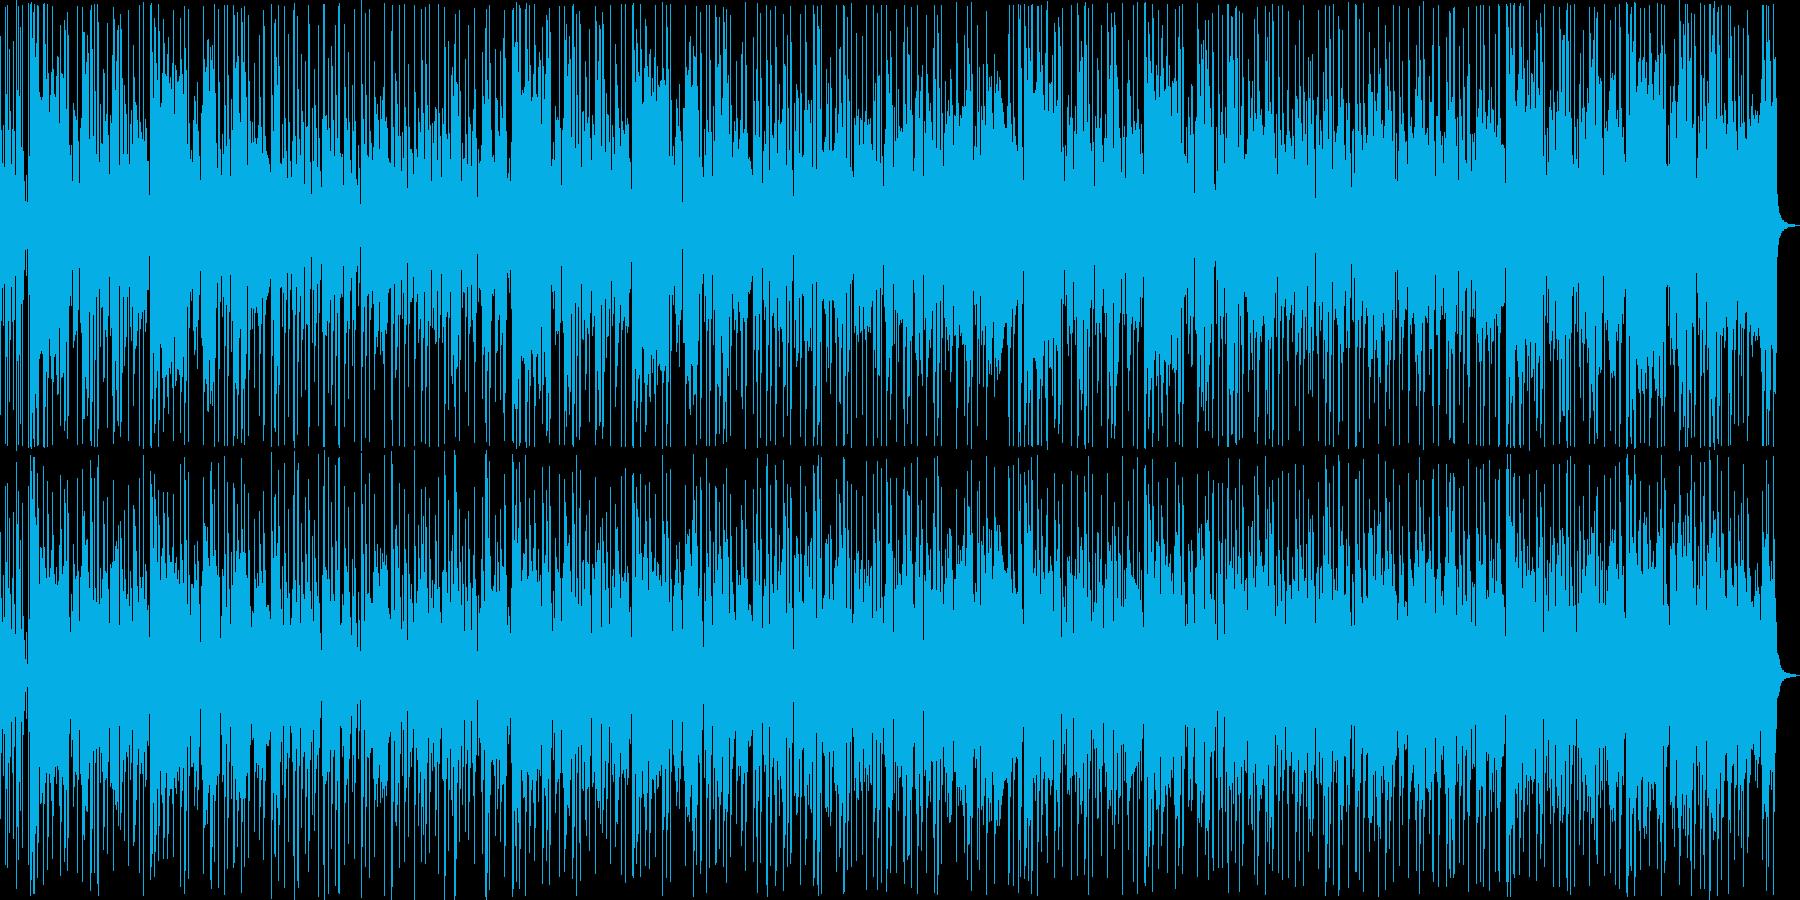 クールでおしゃれなファンクトラックの再生済みの波形